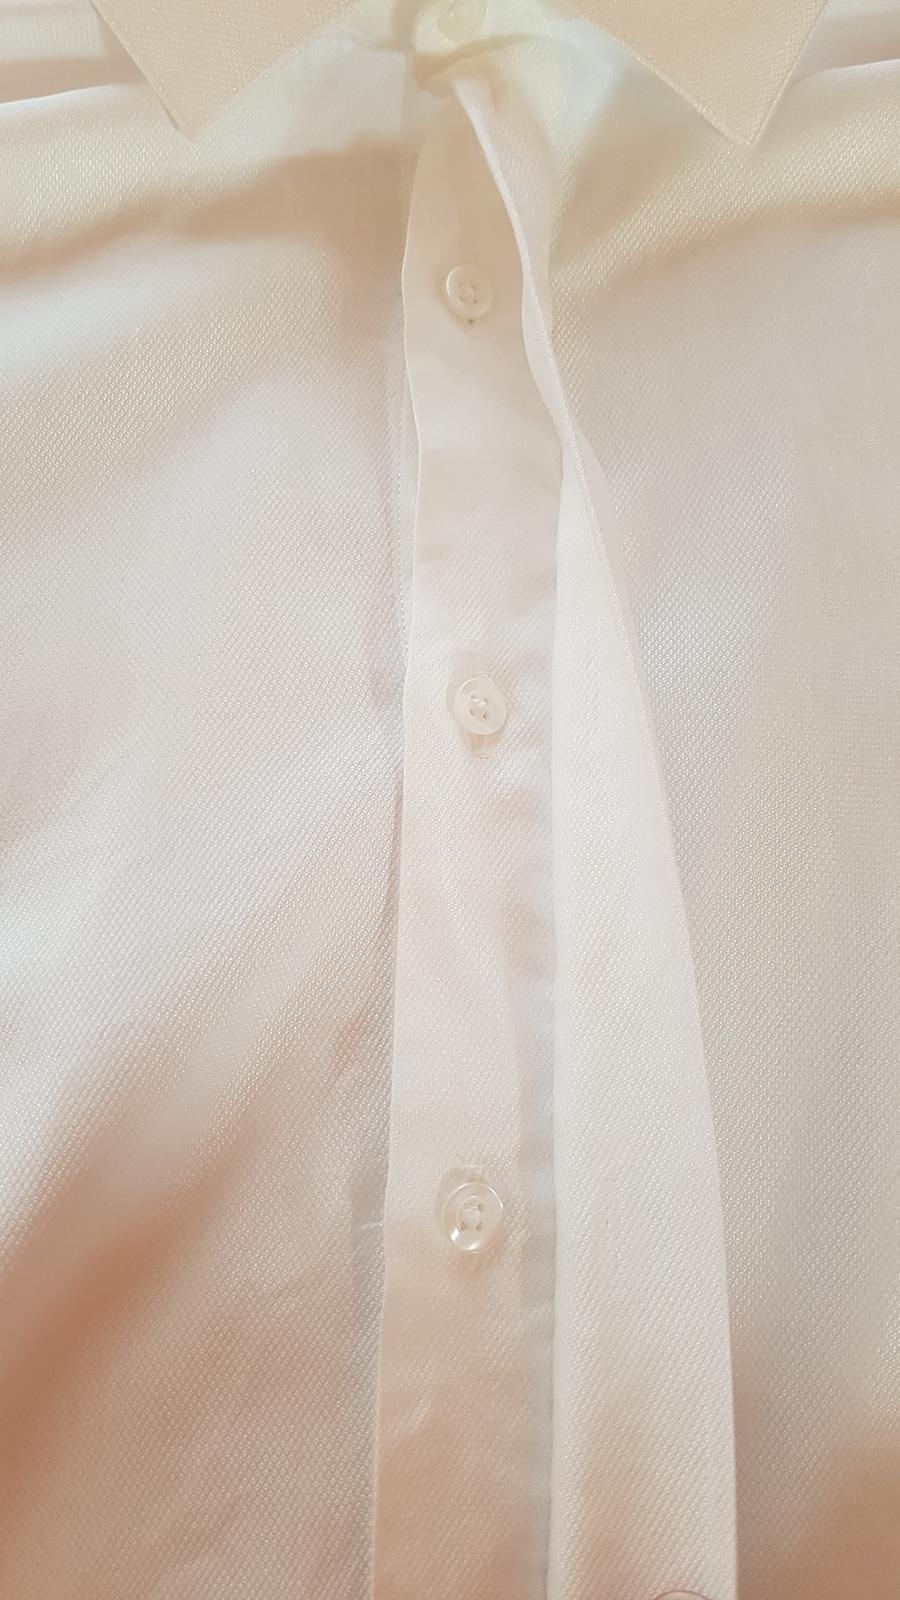 Košeľa Lord Anthony - odtieň diamont white - Obrázok č. 3